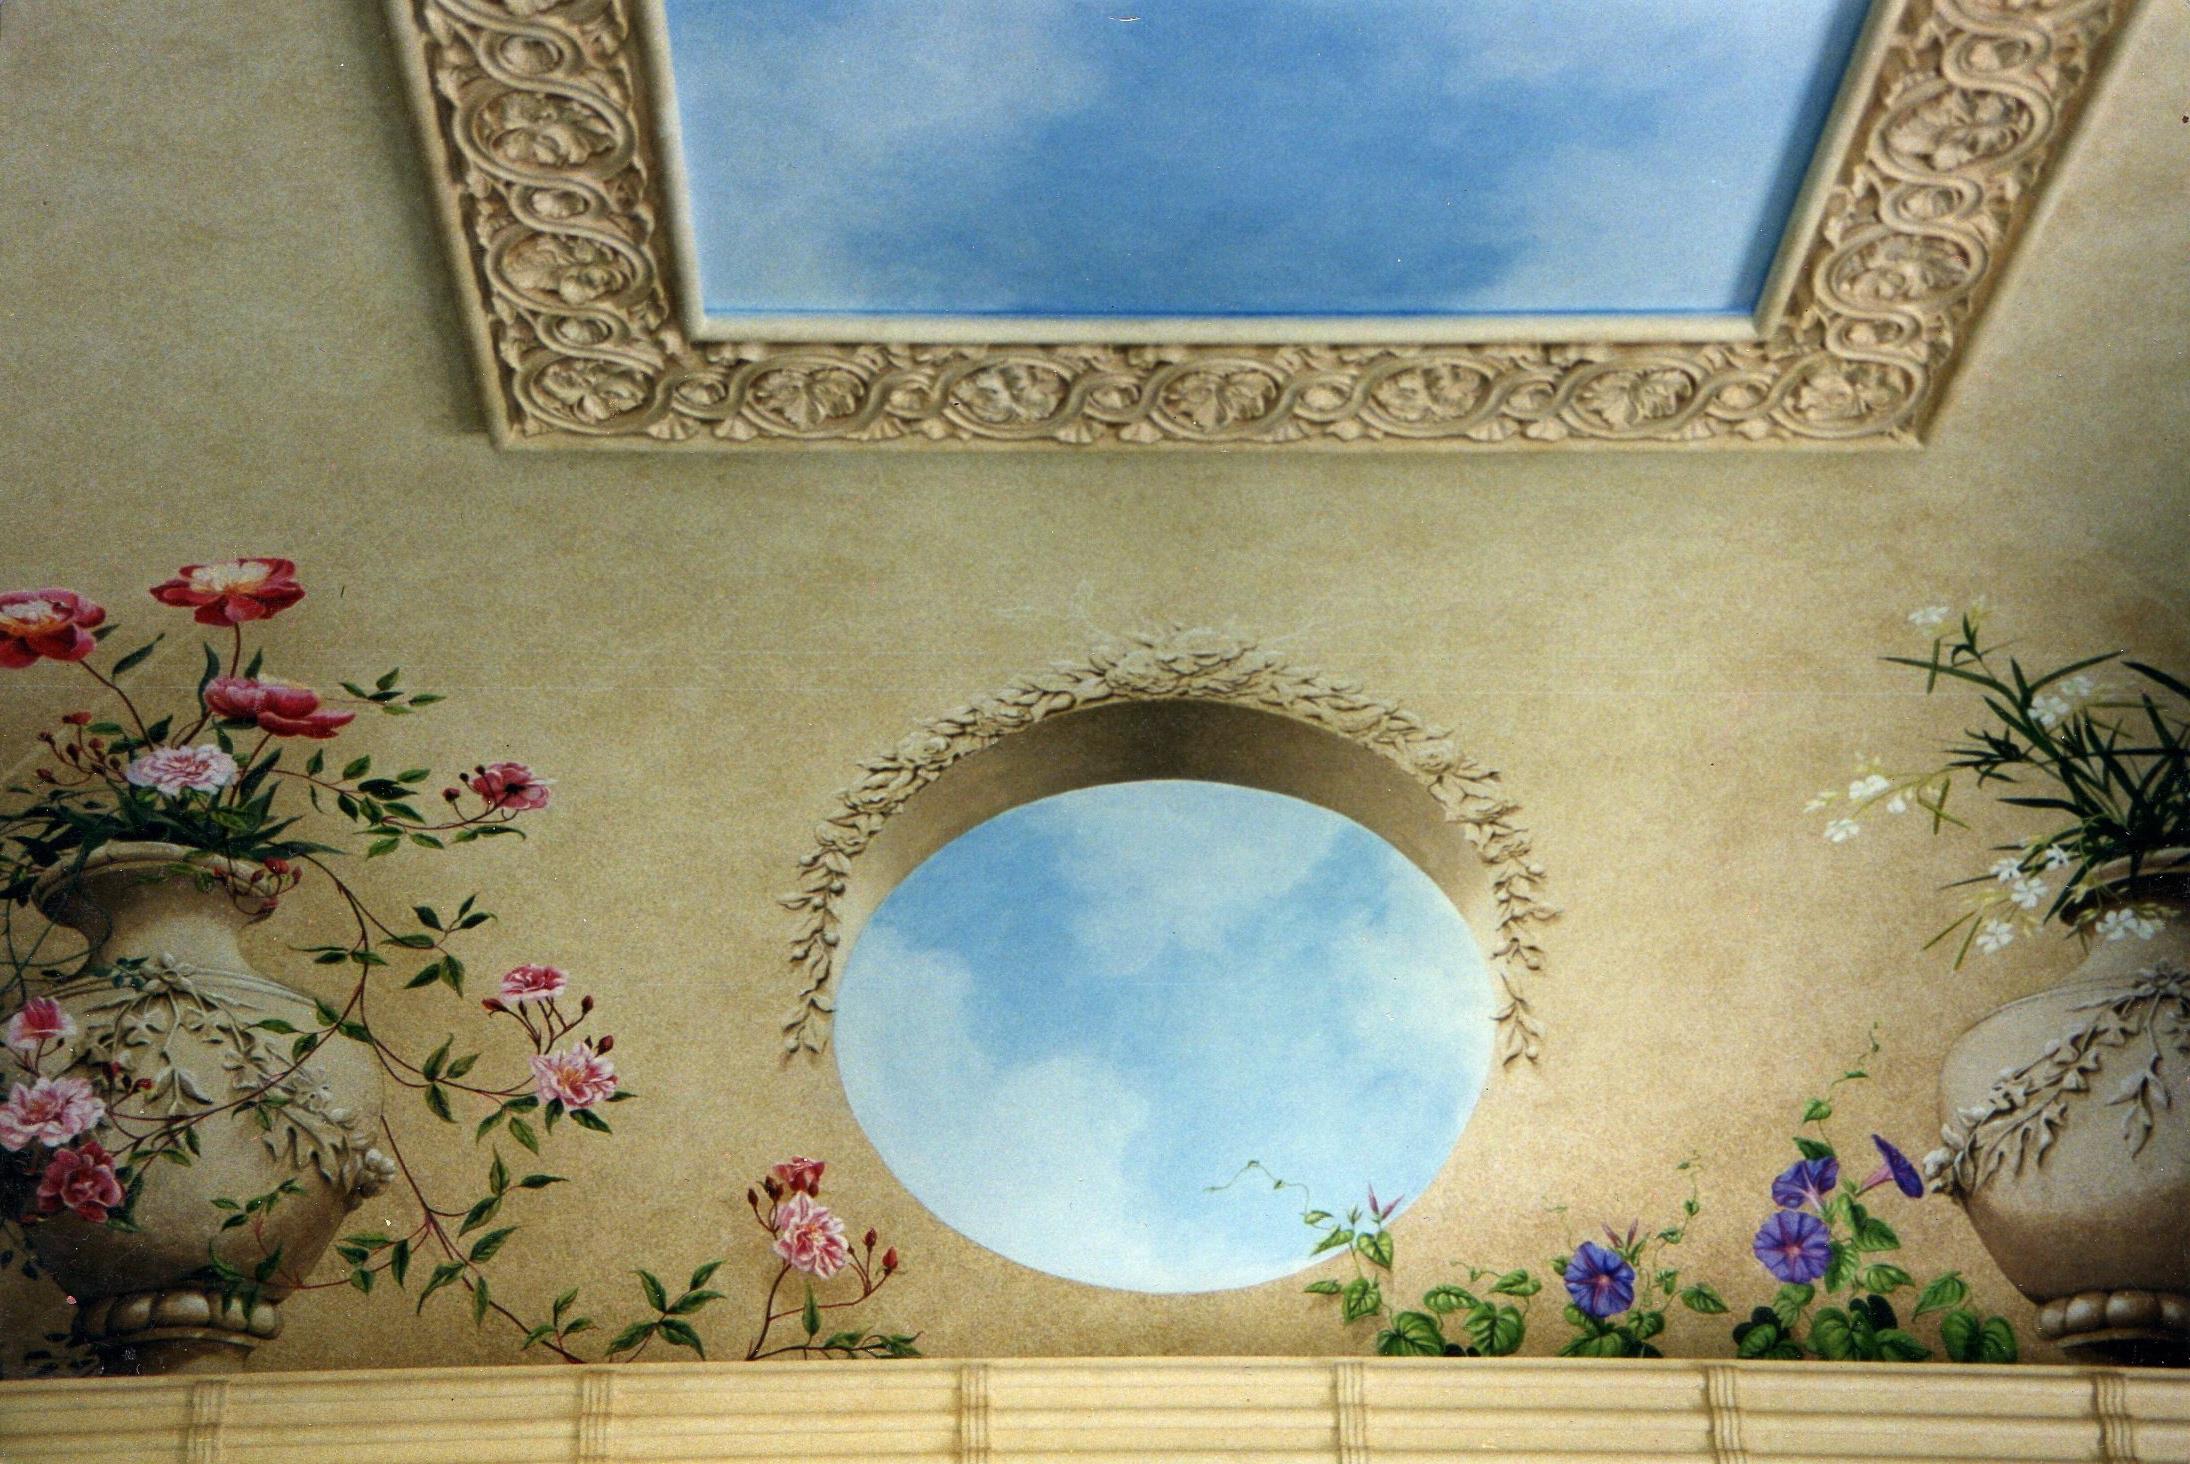 Cloud detail in larger mural